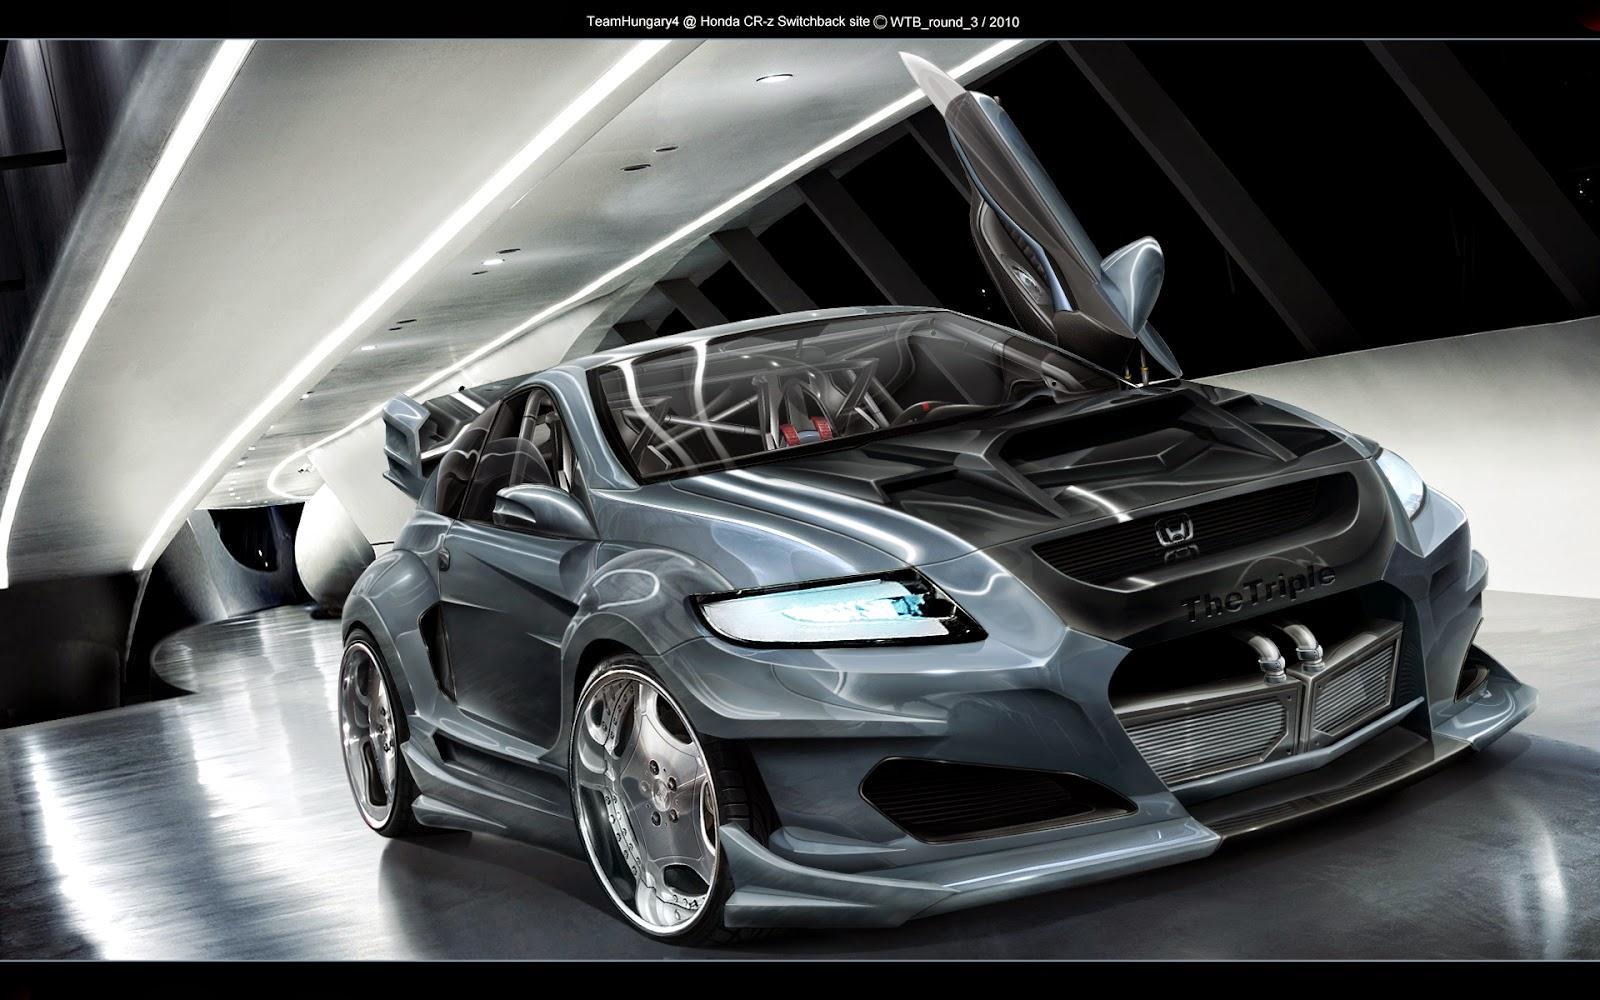 mobil sport Honda CR-Z